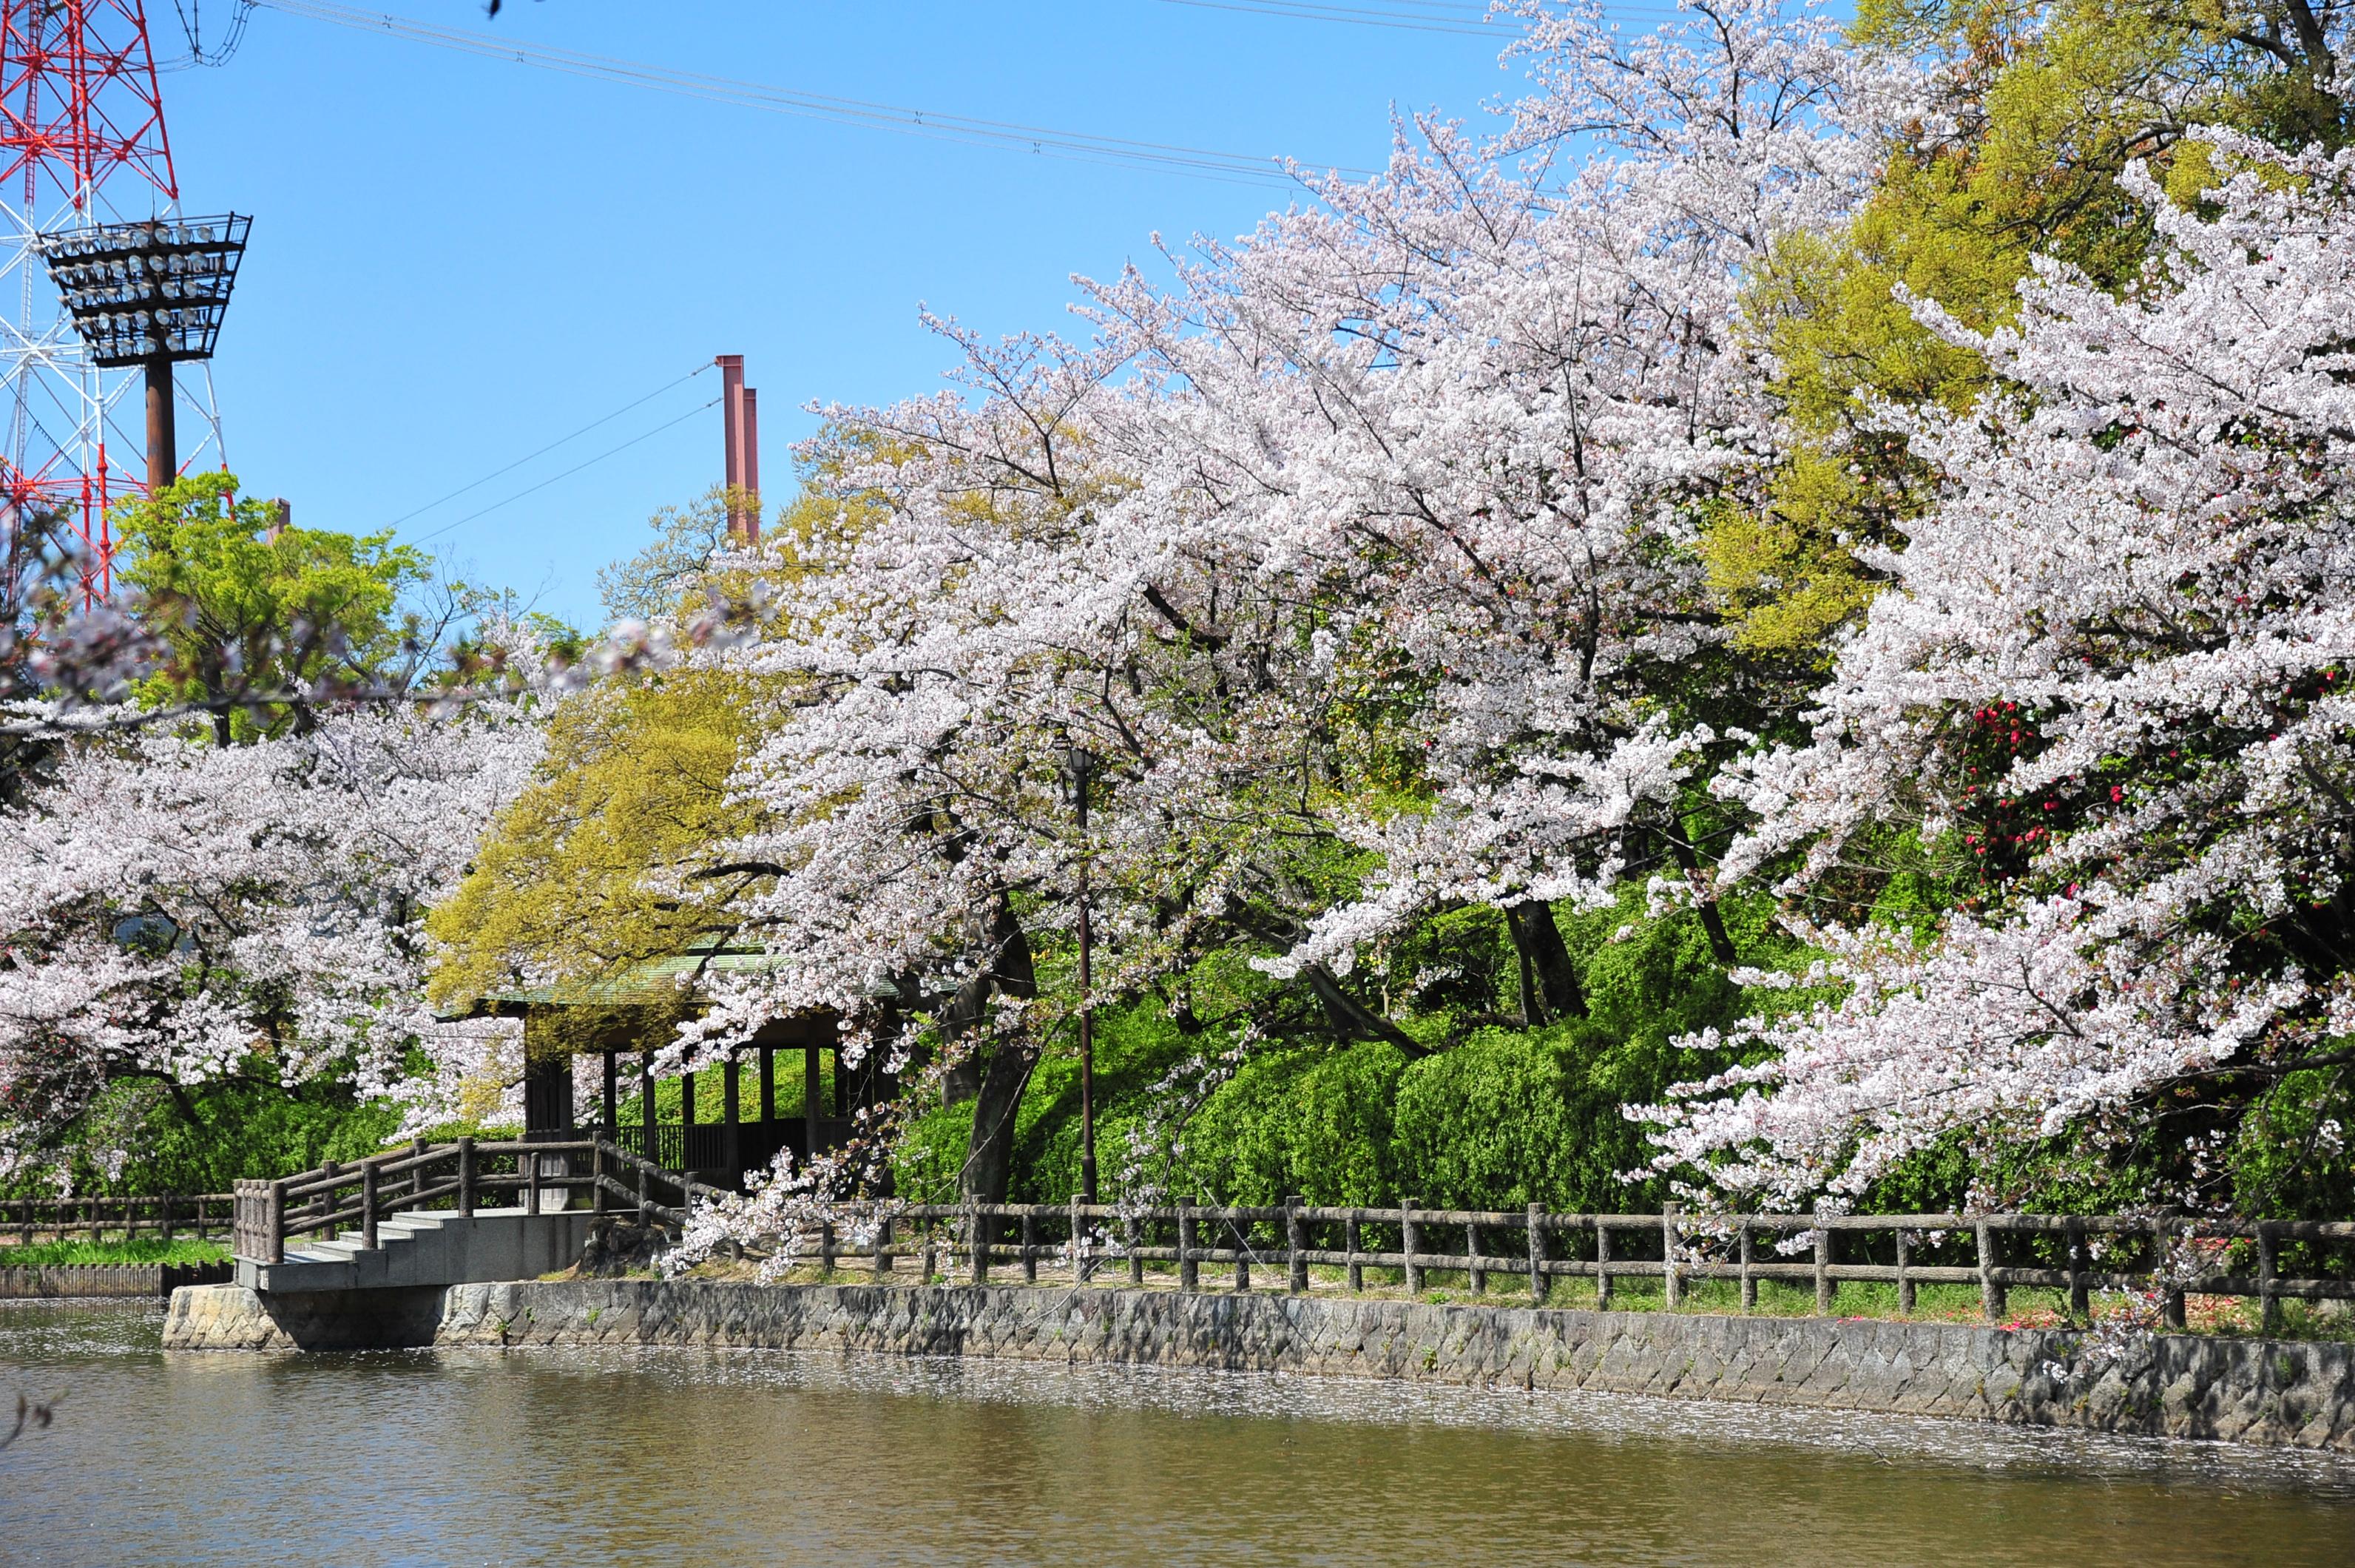 刈谷市は子供と遊べる観光名所が盛りだくさん!特産品や体験スポットも紹介!